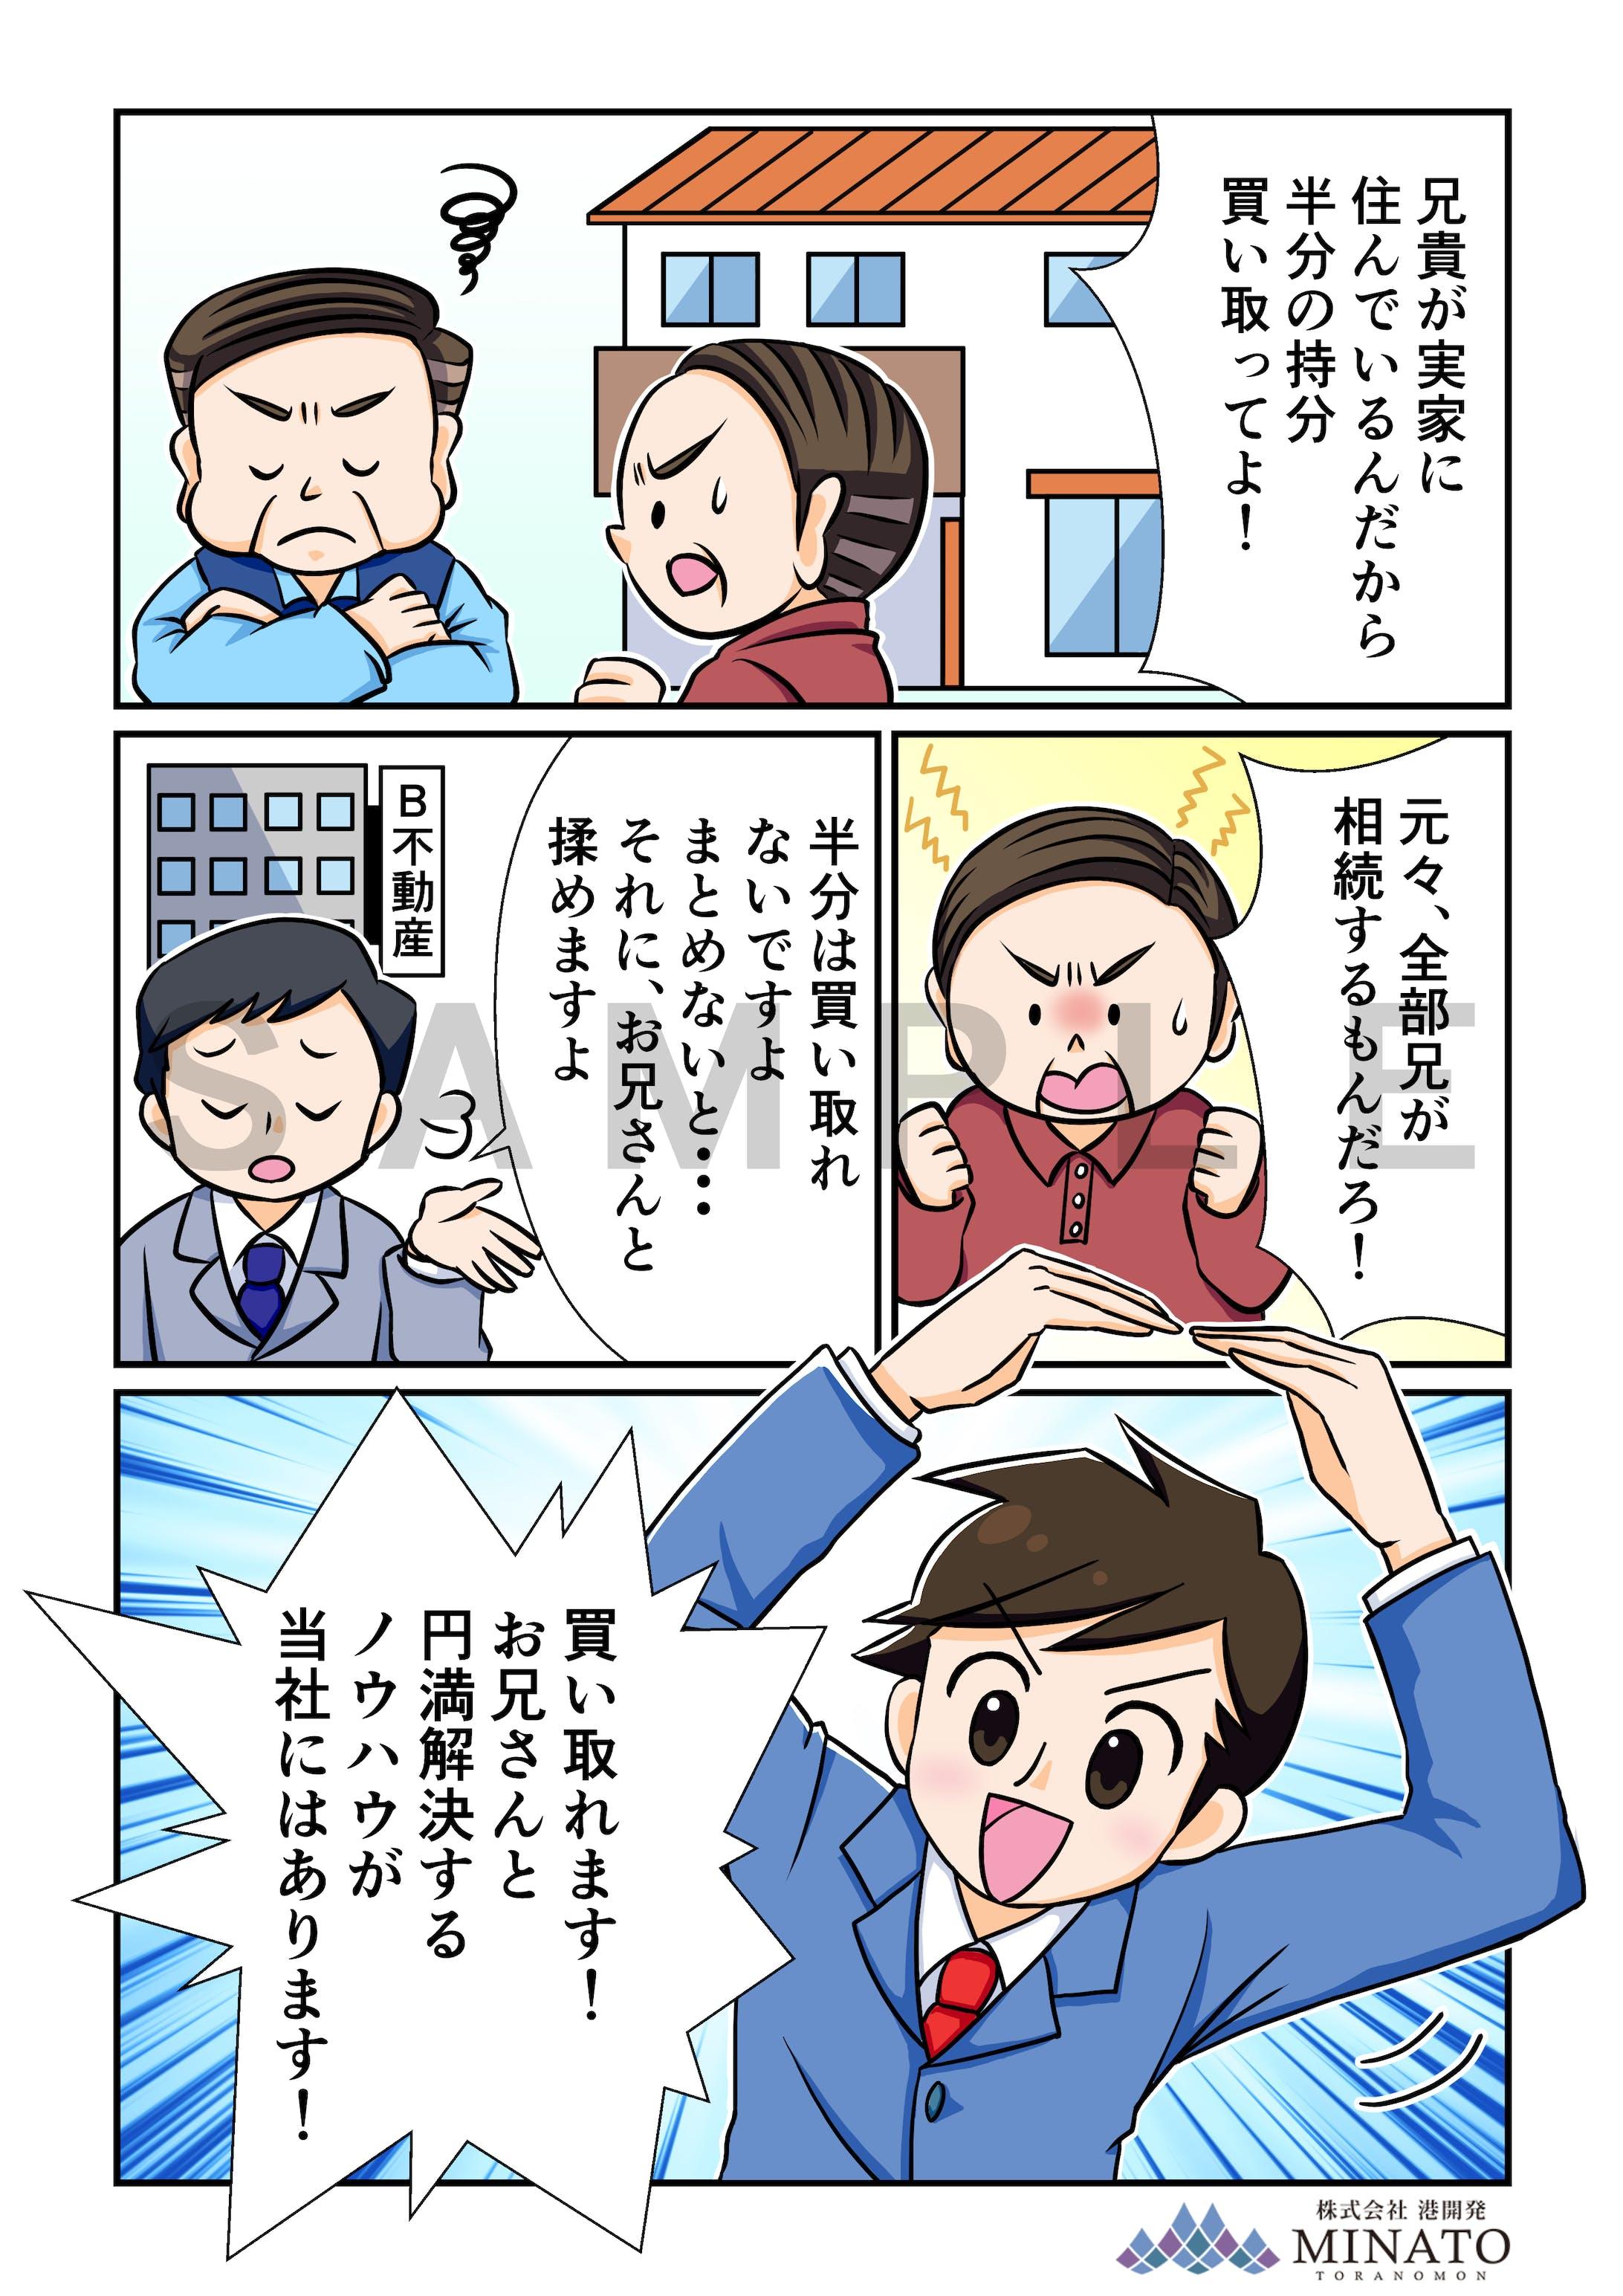 【漫画LP】-2